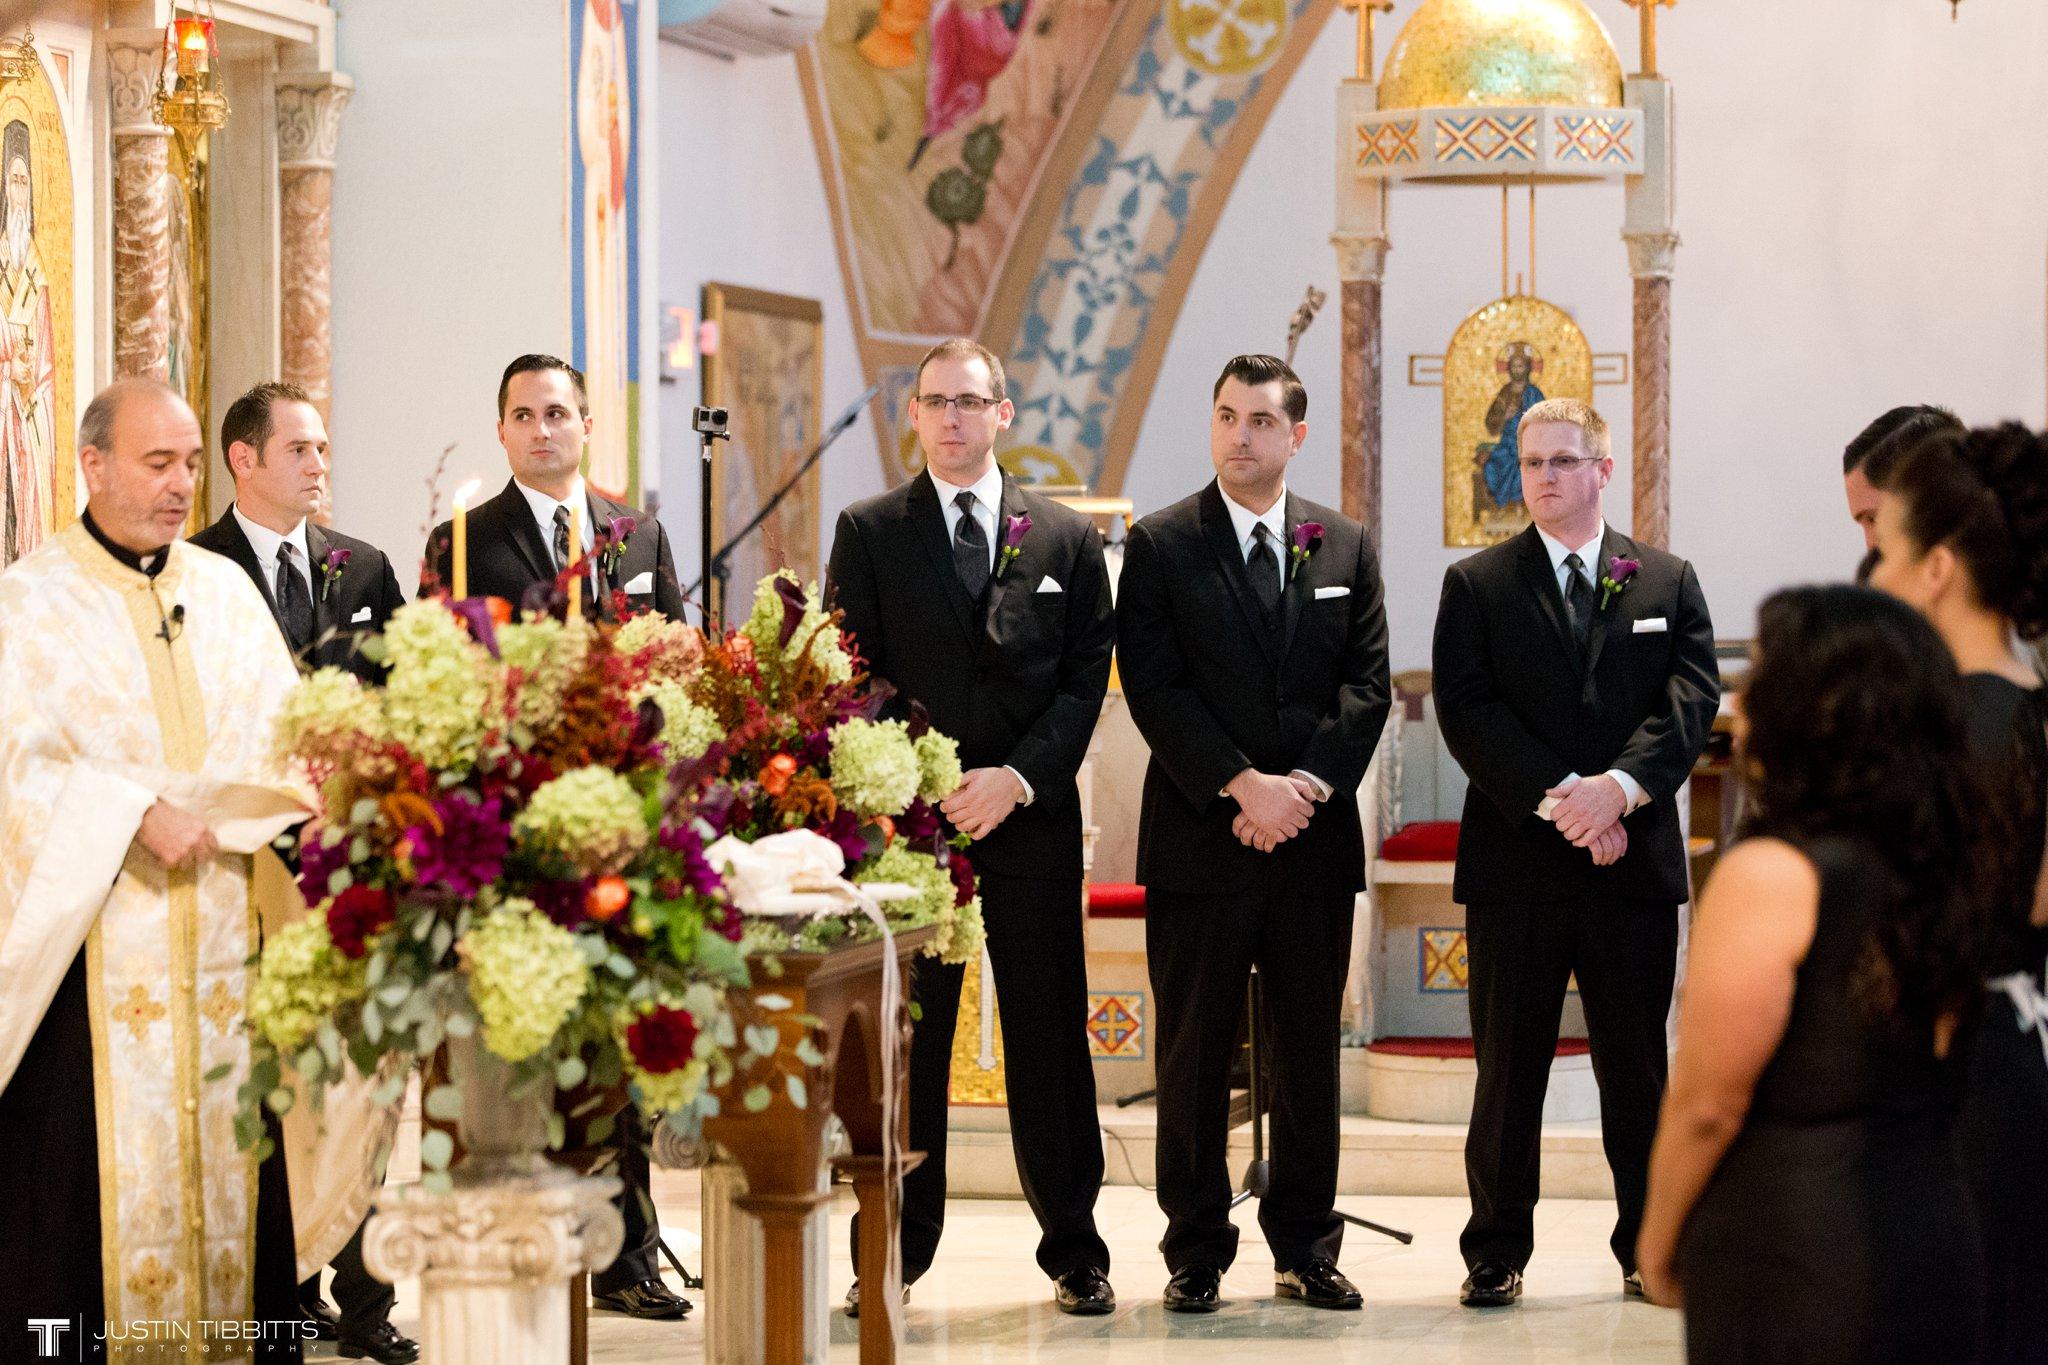 Hall of Springs Wedding Photos with Amanda and Jon-Michael_0051